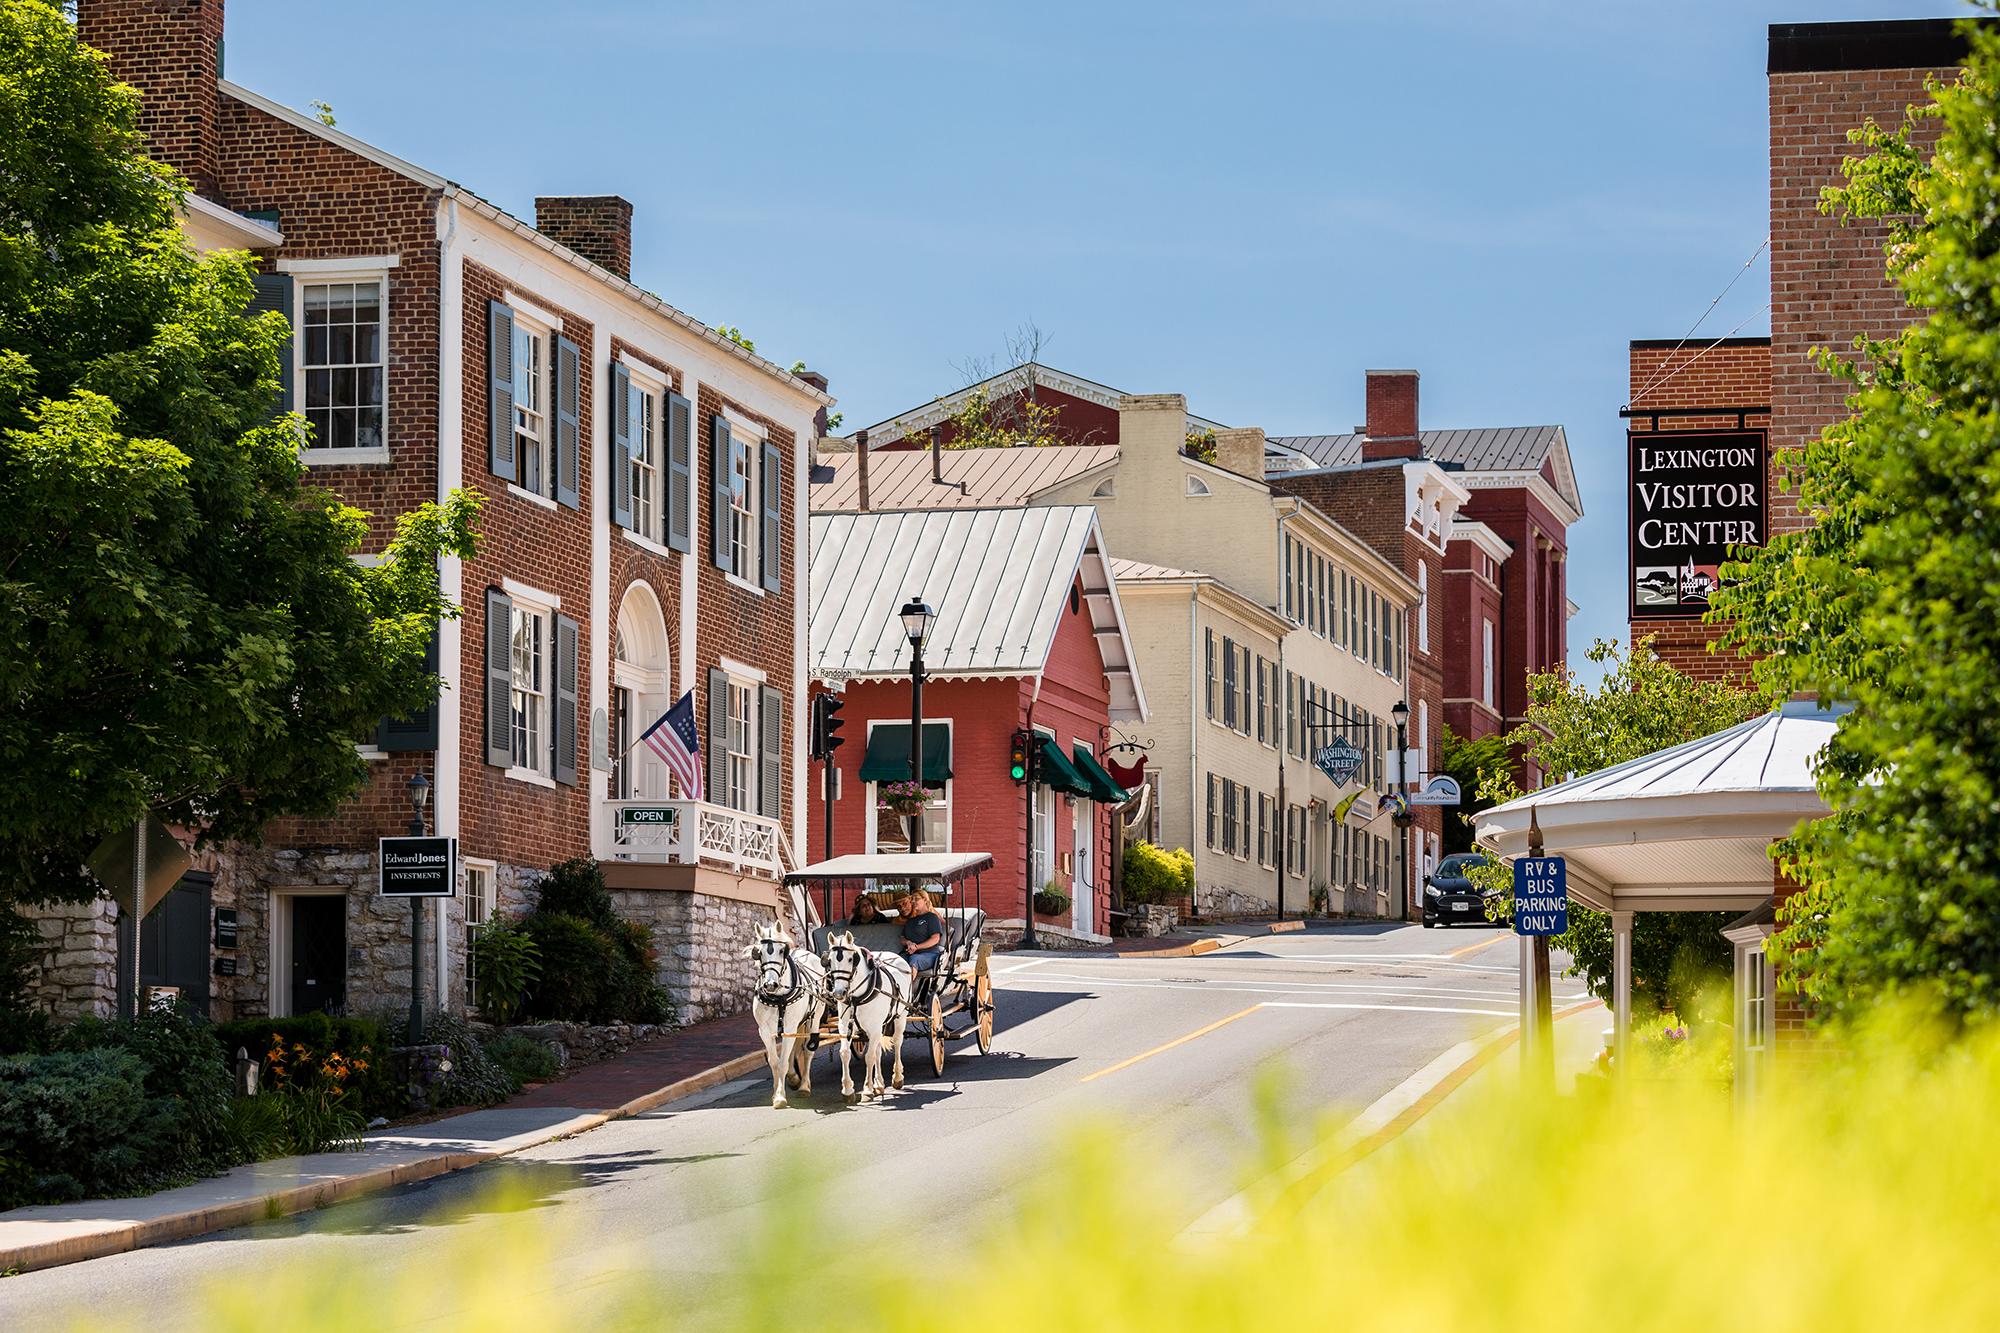 Downtown Lexington, Virginia Carriage Ride